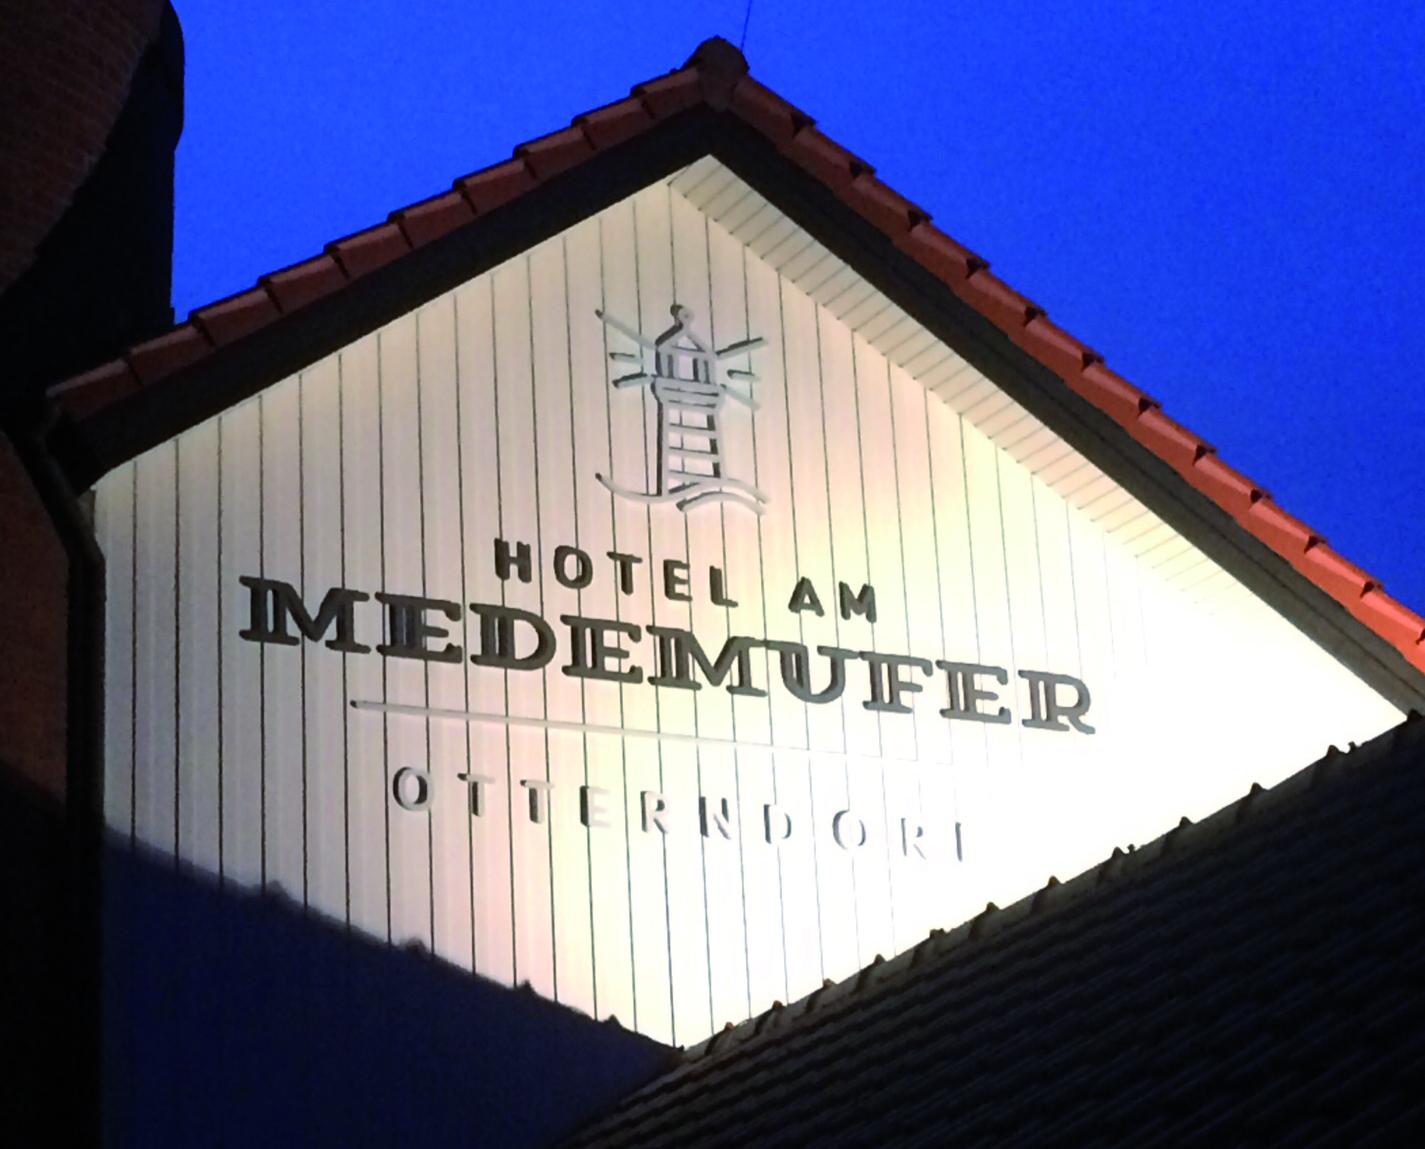 Hotel Medemufer // Otterndorf